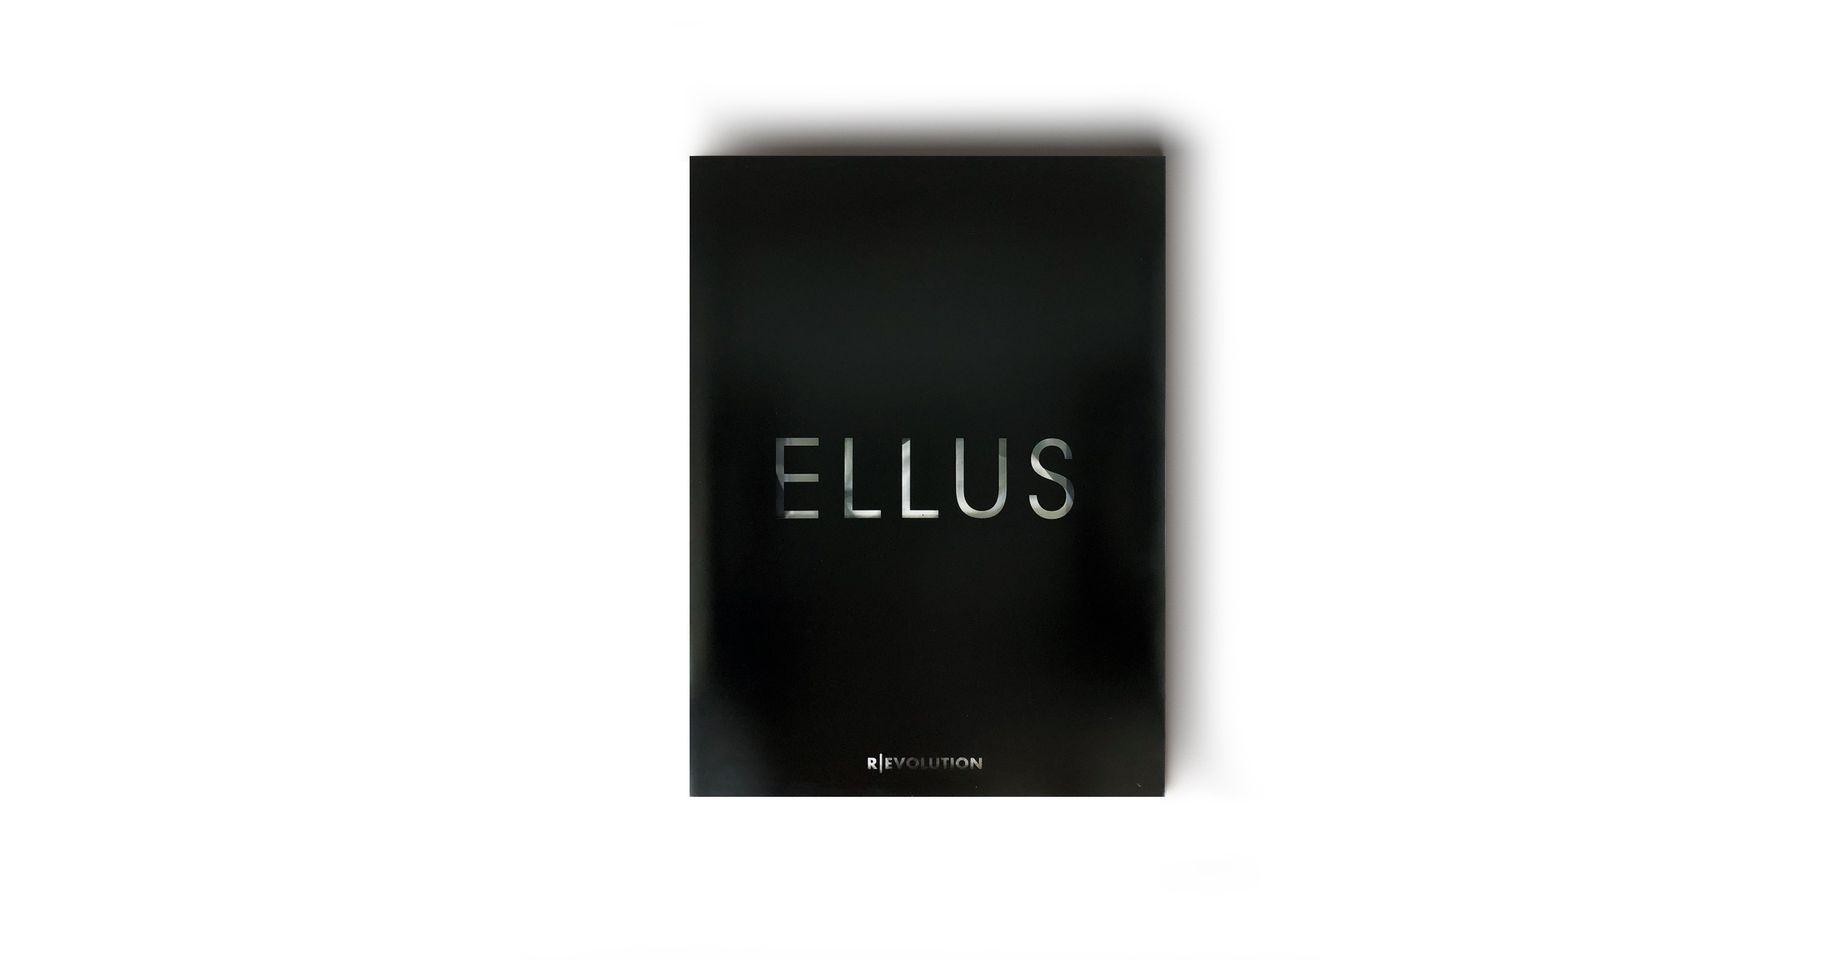 ELLUS_1000x1200_1